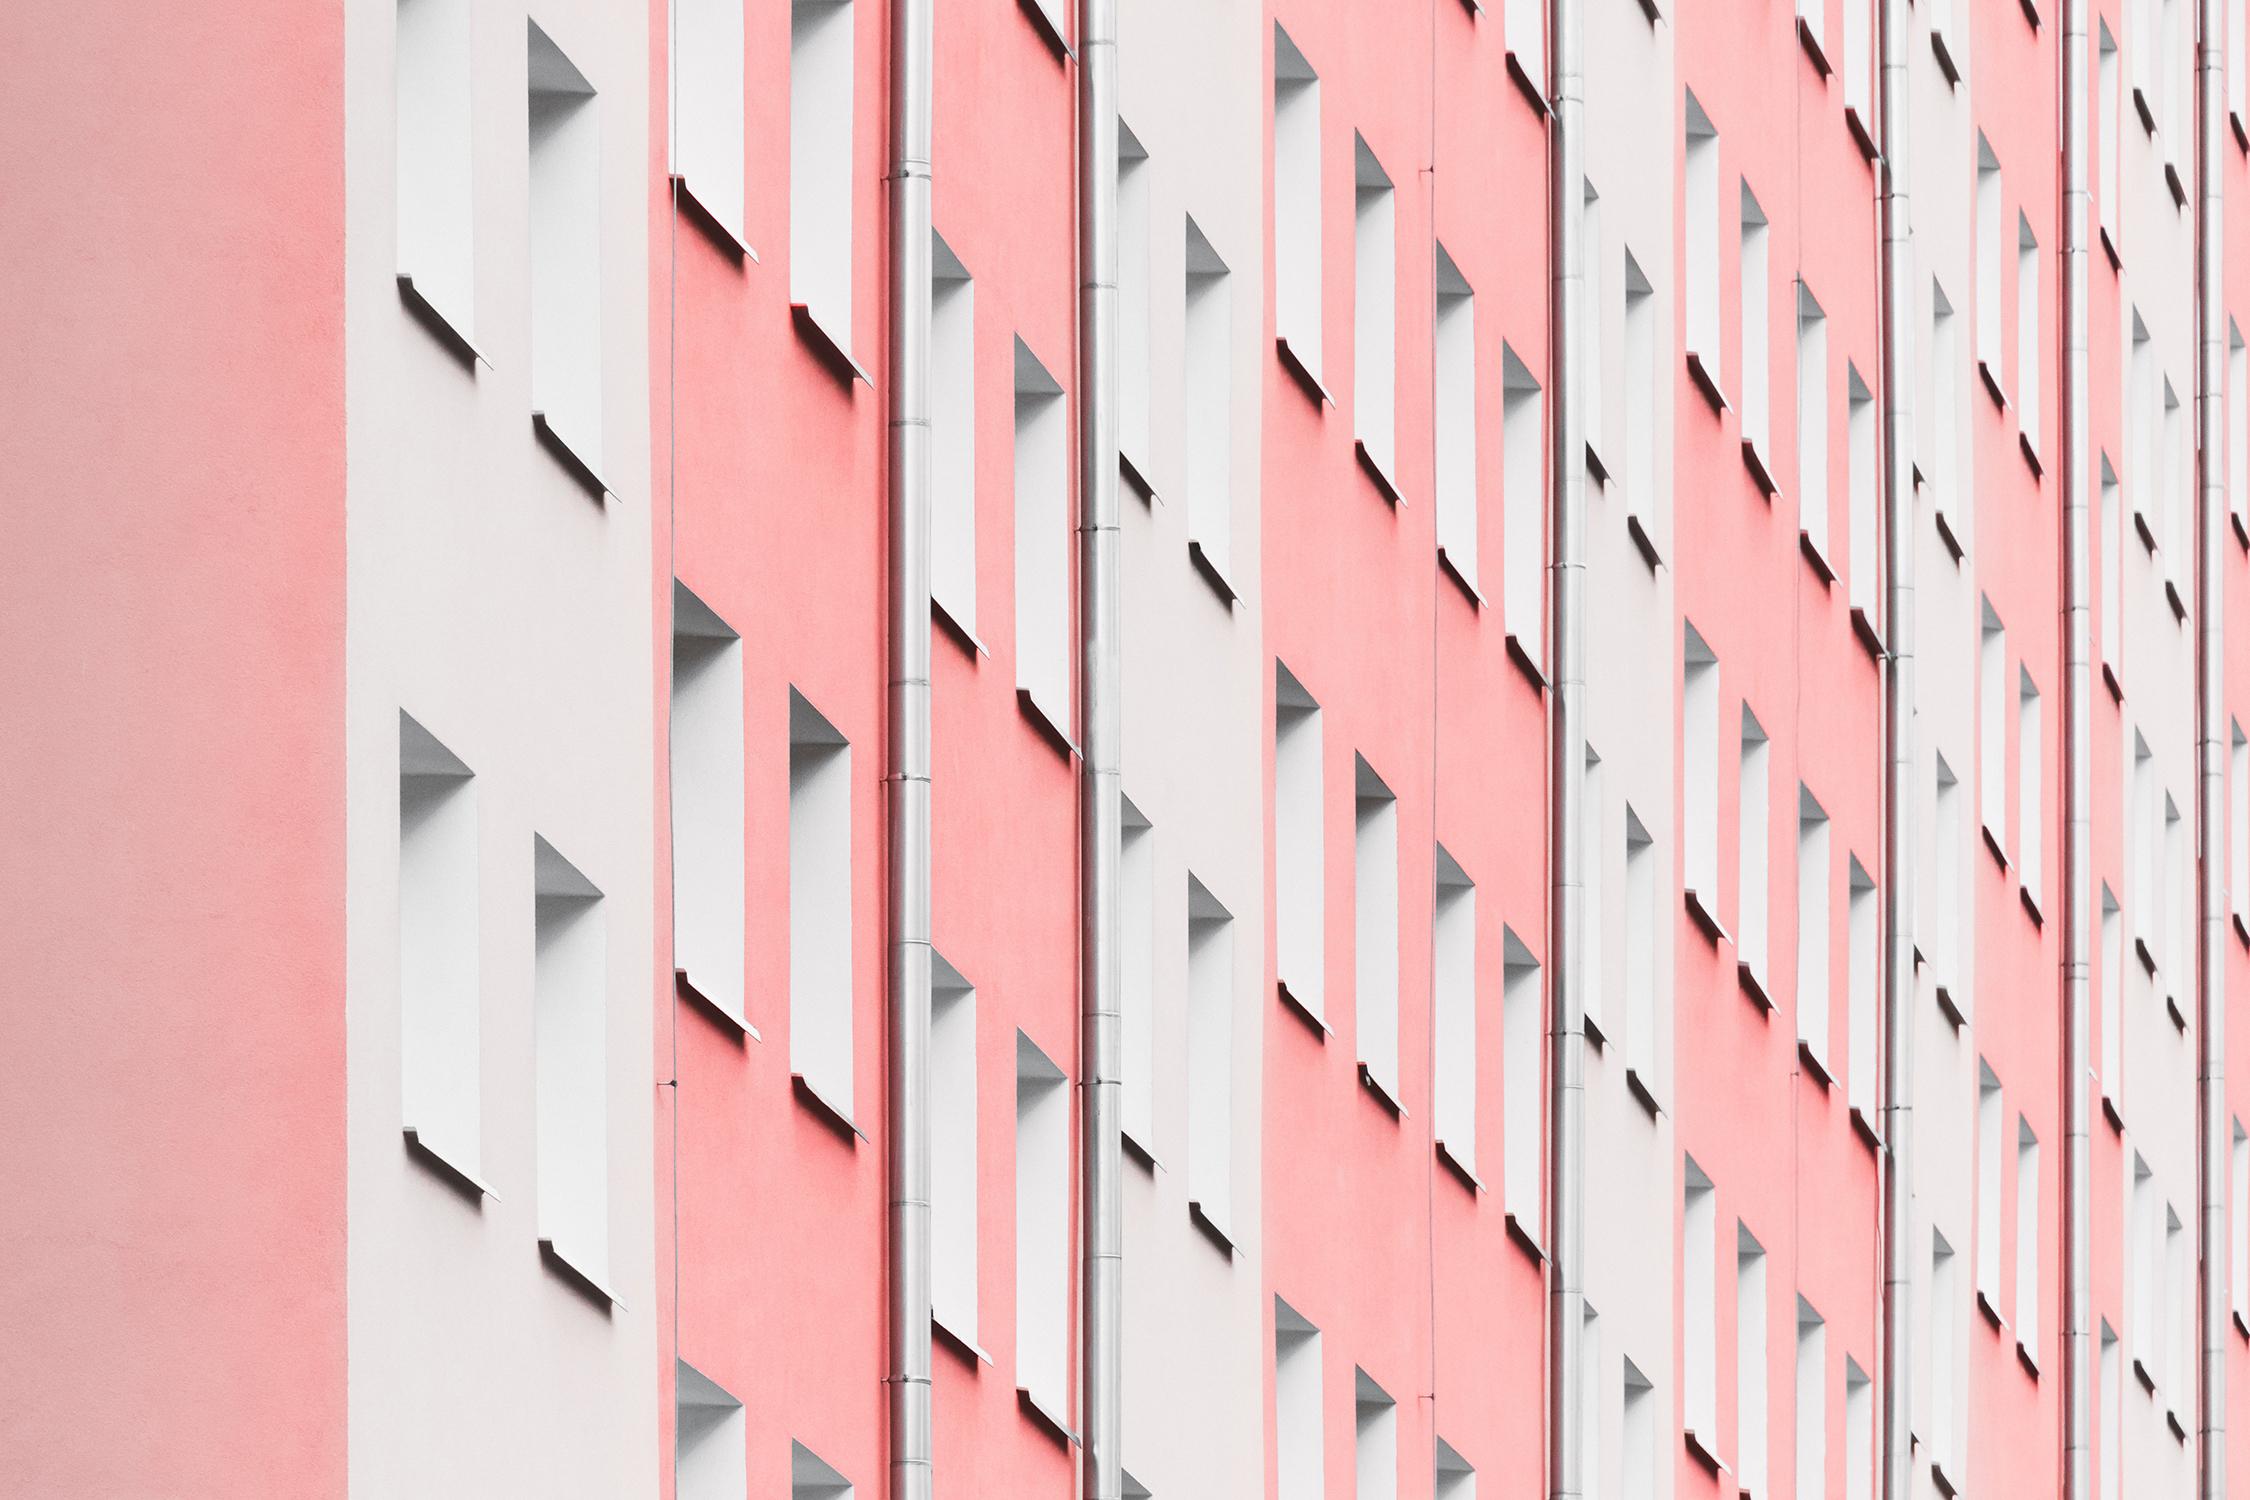 El Libro Amarillo Tendencias de Color Primavera 2021 Portada  ventanas de un edificio rosa